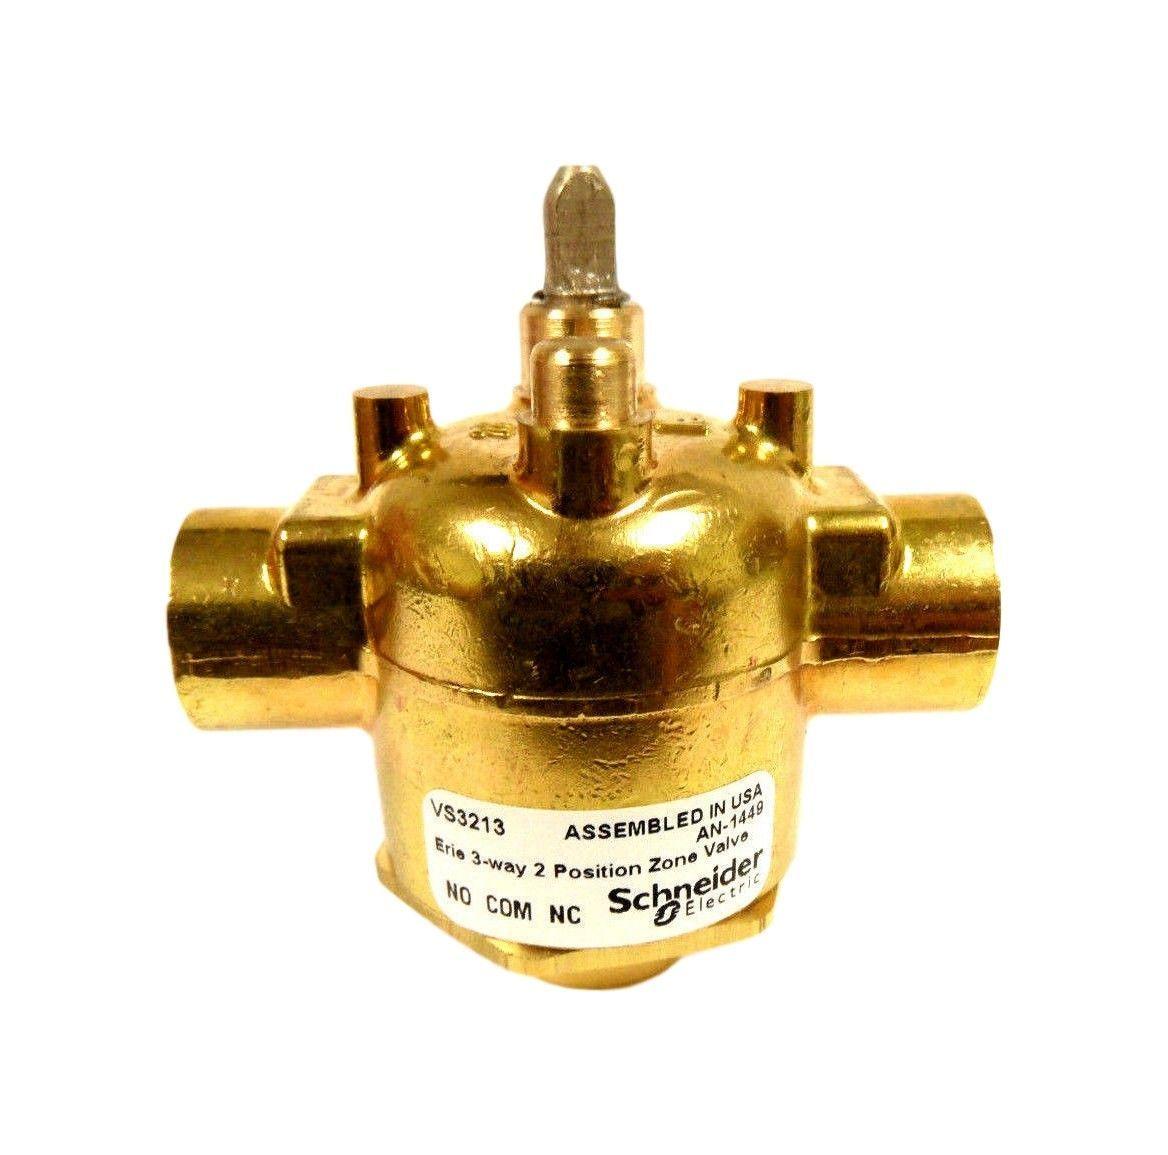 3 way zone valve suzuki cultus wiring diagram schneider electric vs3213 erie 2 position